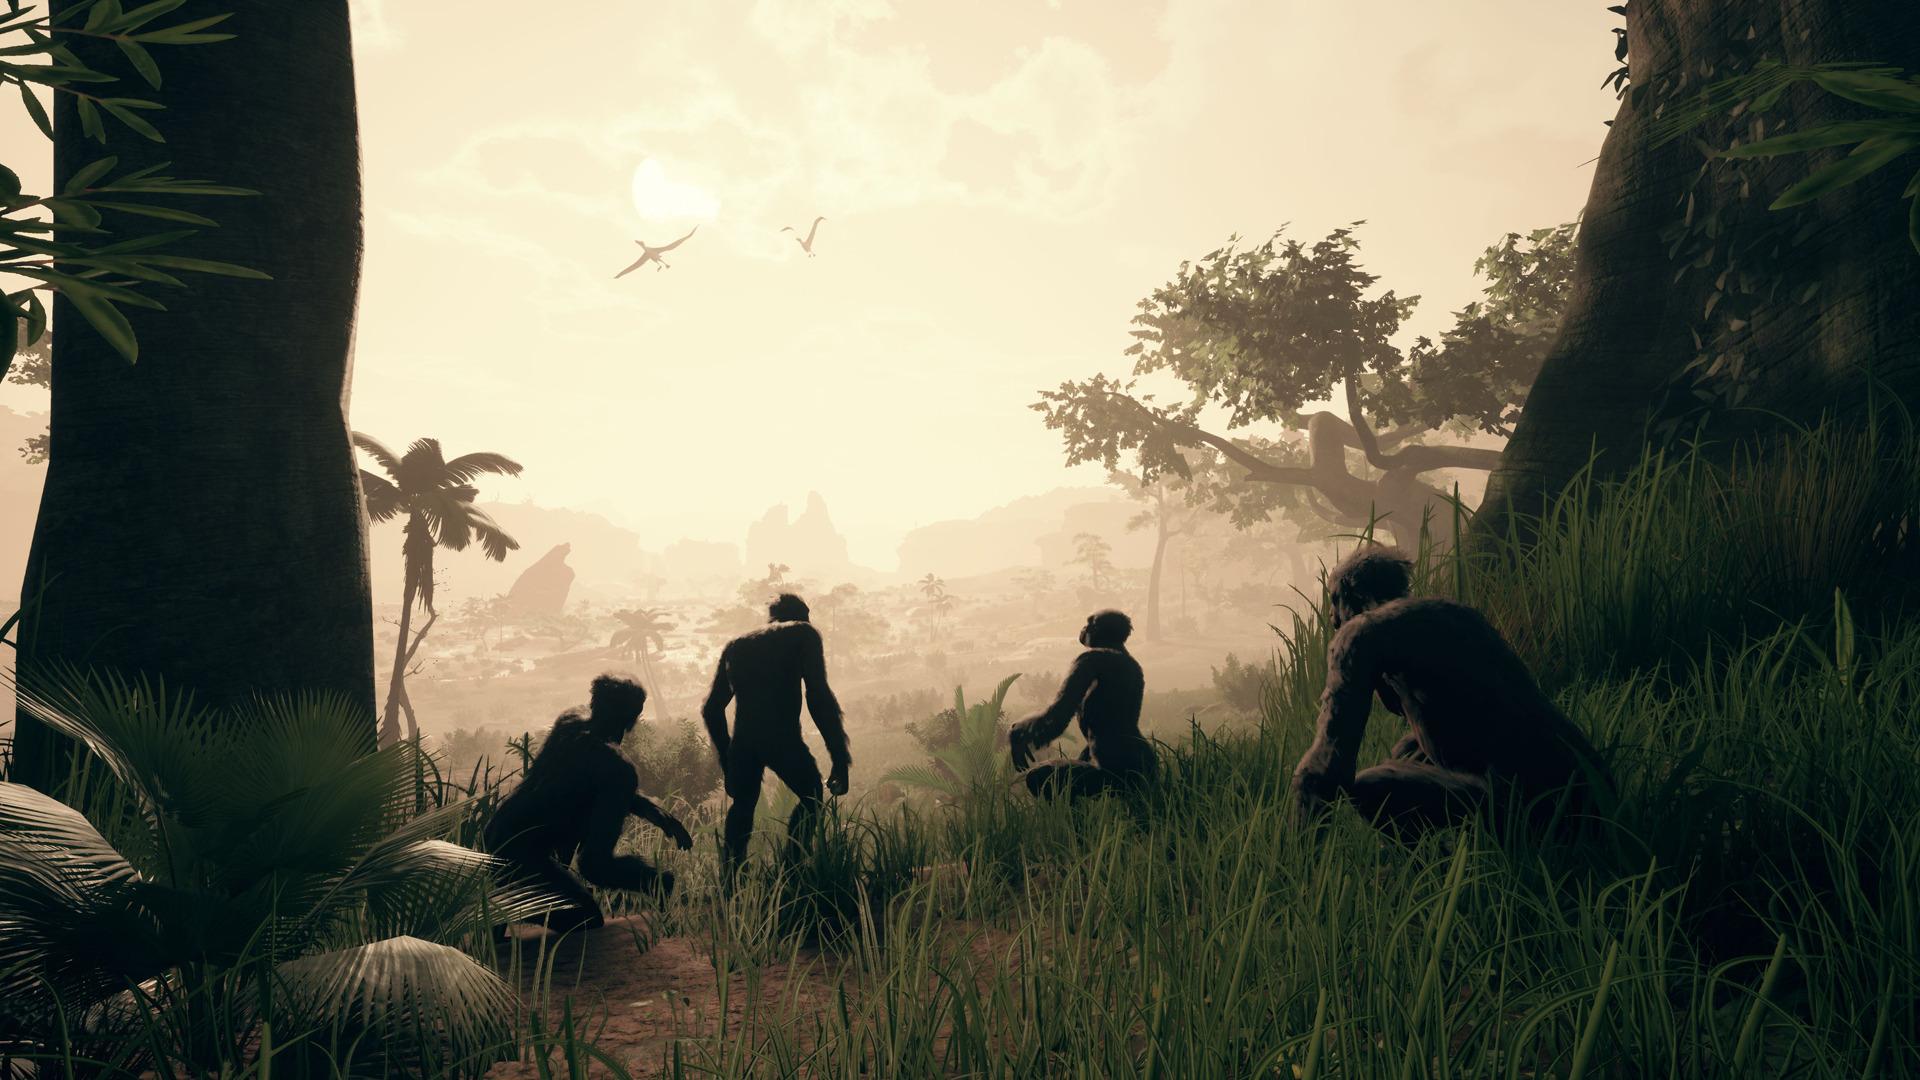 تریلر جدید بازی Ancestors: The Humankind Odyssey با محوریت پتانسیل بازی منتشر شد